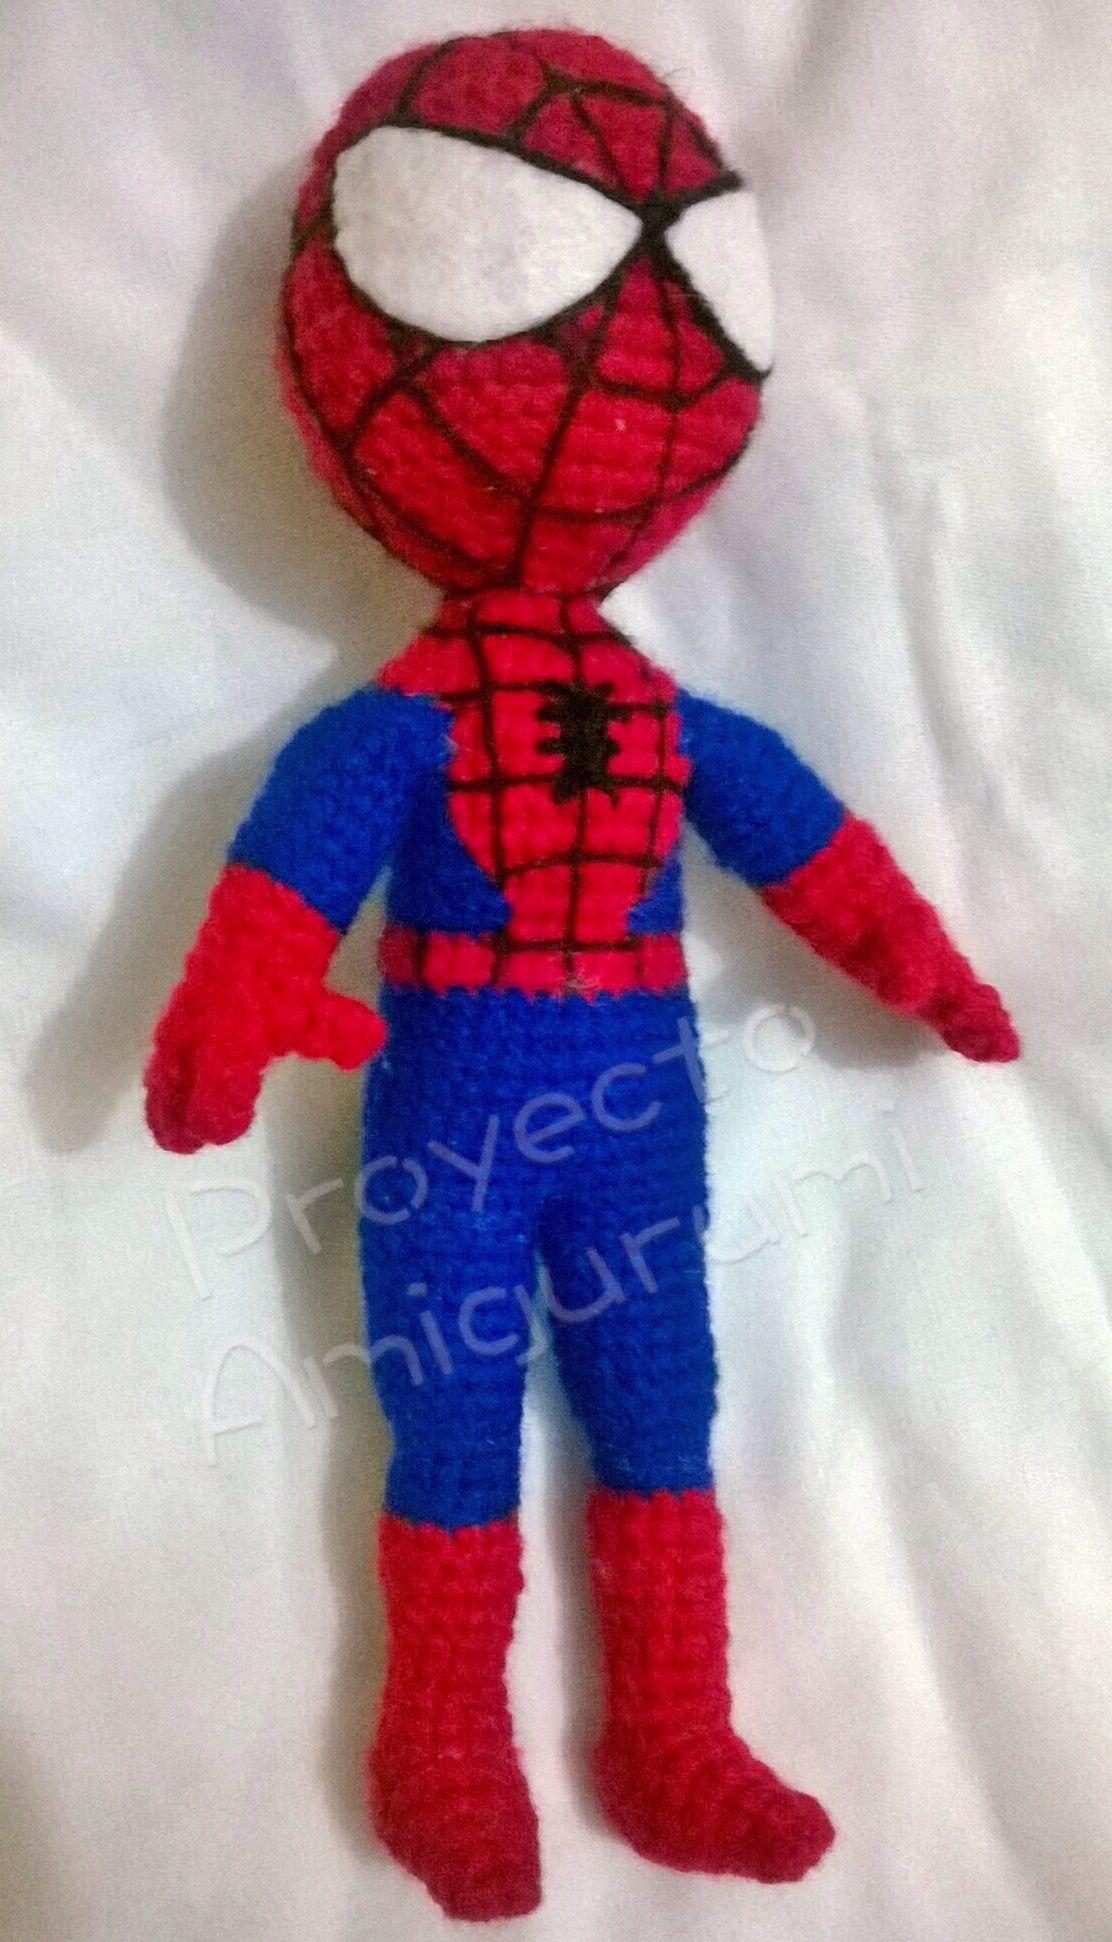 Amigurumi Spiderman Patron : Amigurumi Spiderman Patron gratis de Proyecto Amigurumi ...